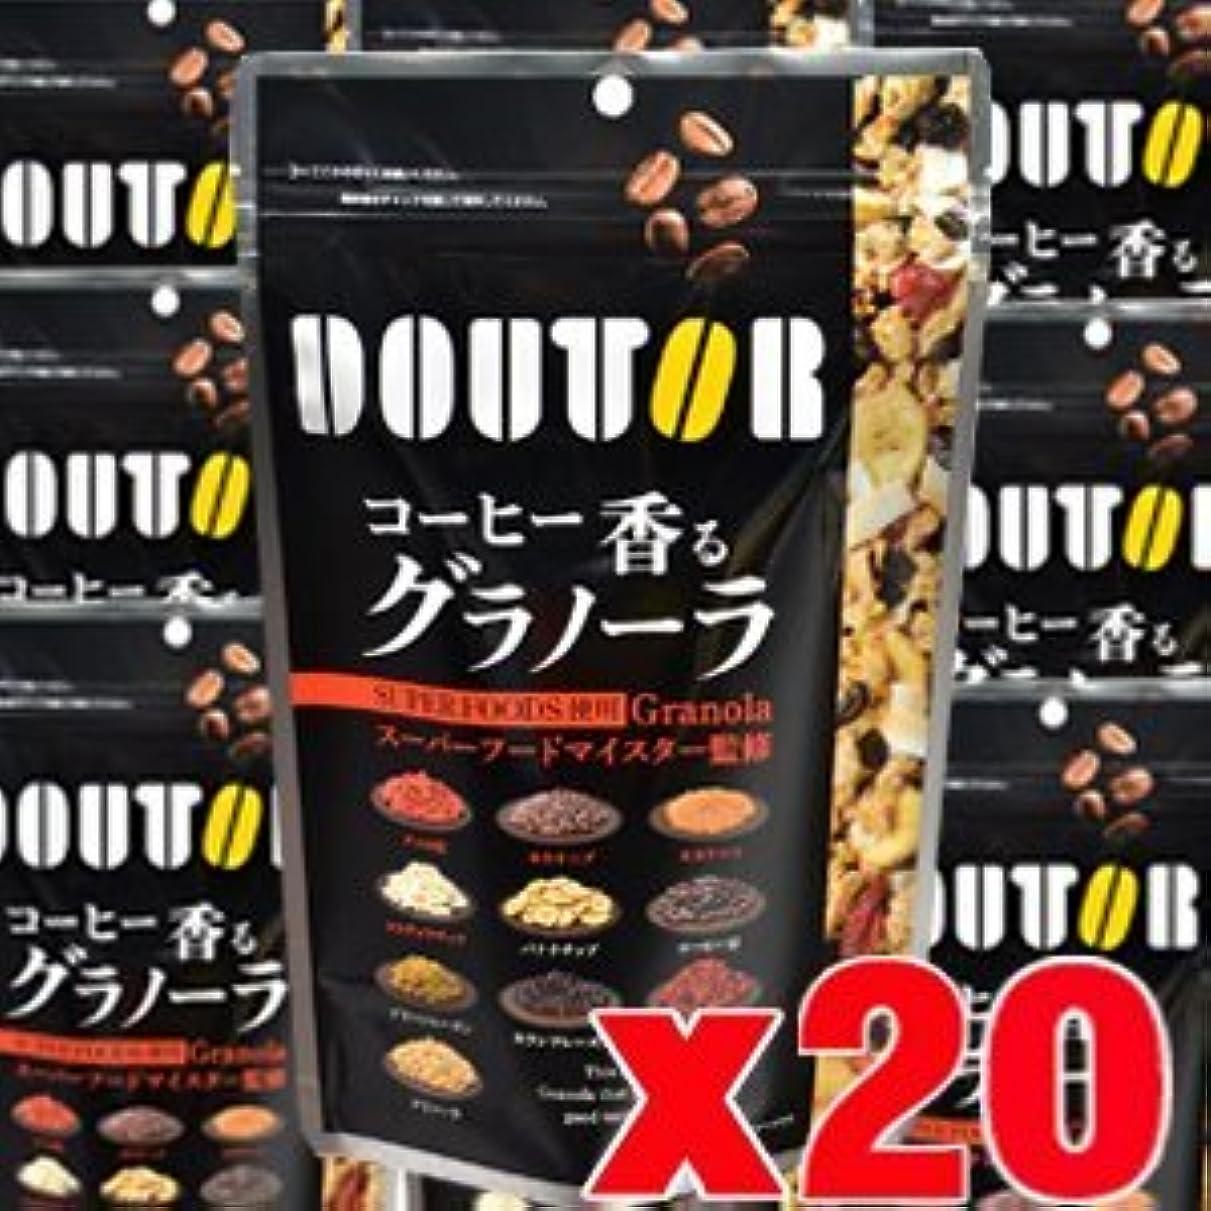 視聴者マティス魔術師【20個】 ドトール コーヒー香るグラノーラ 210gx20個 (4946763053654-20)